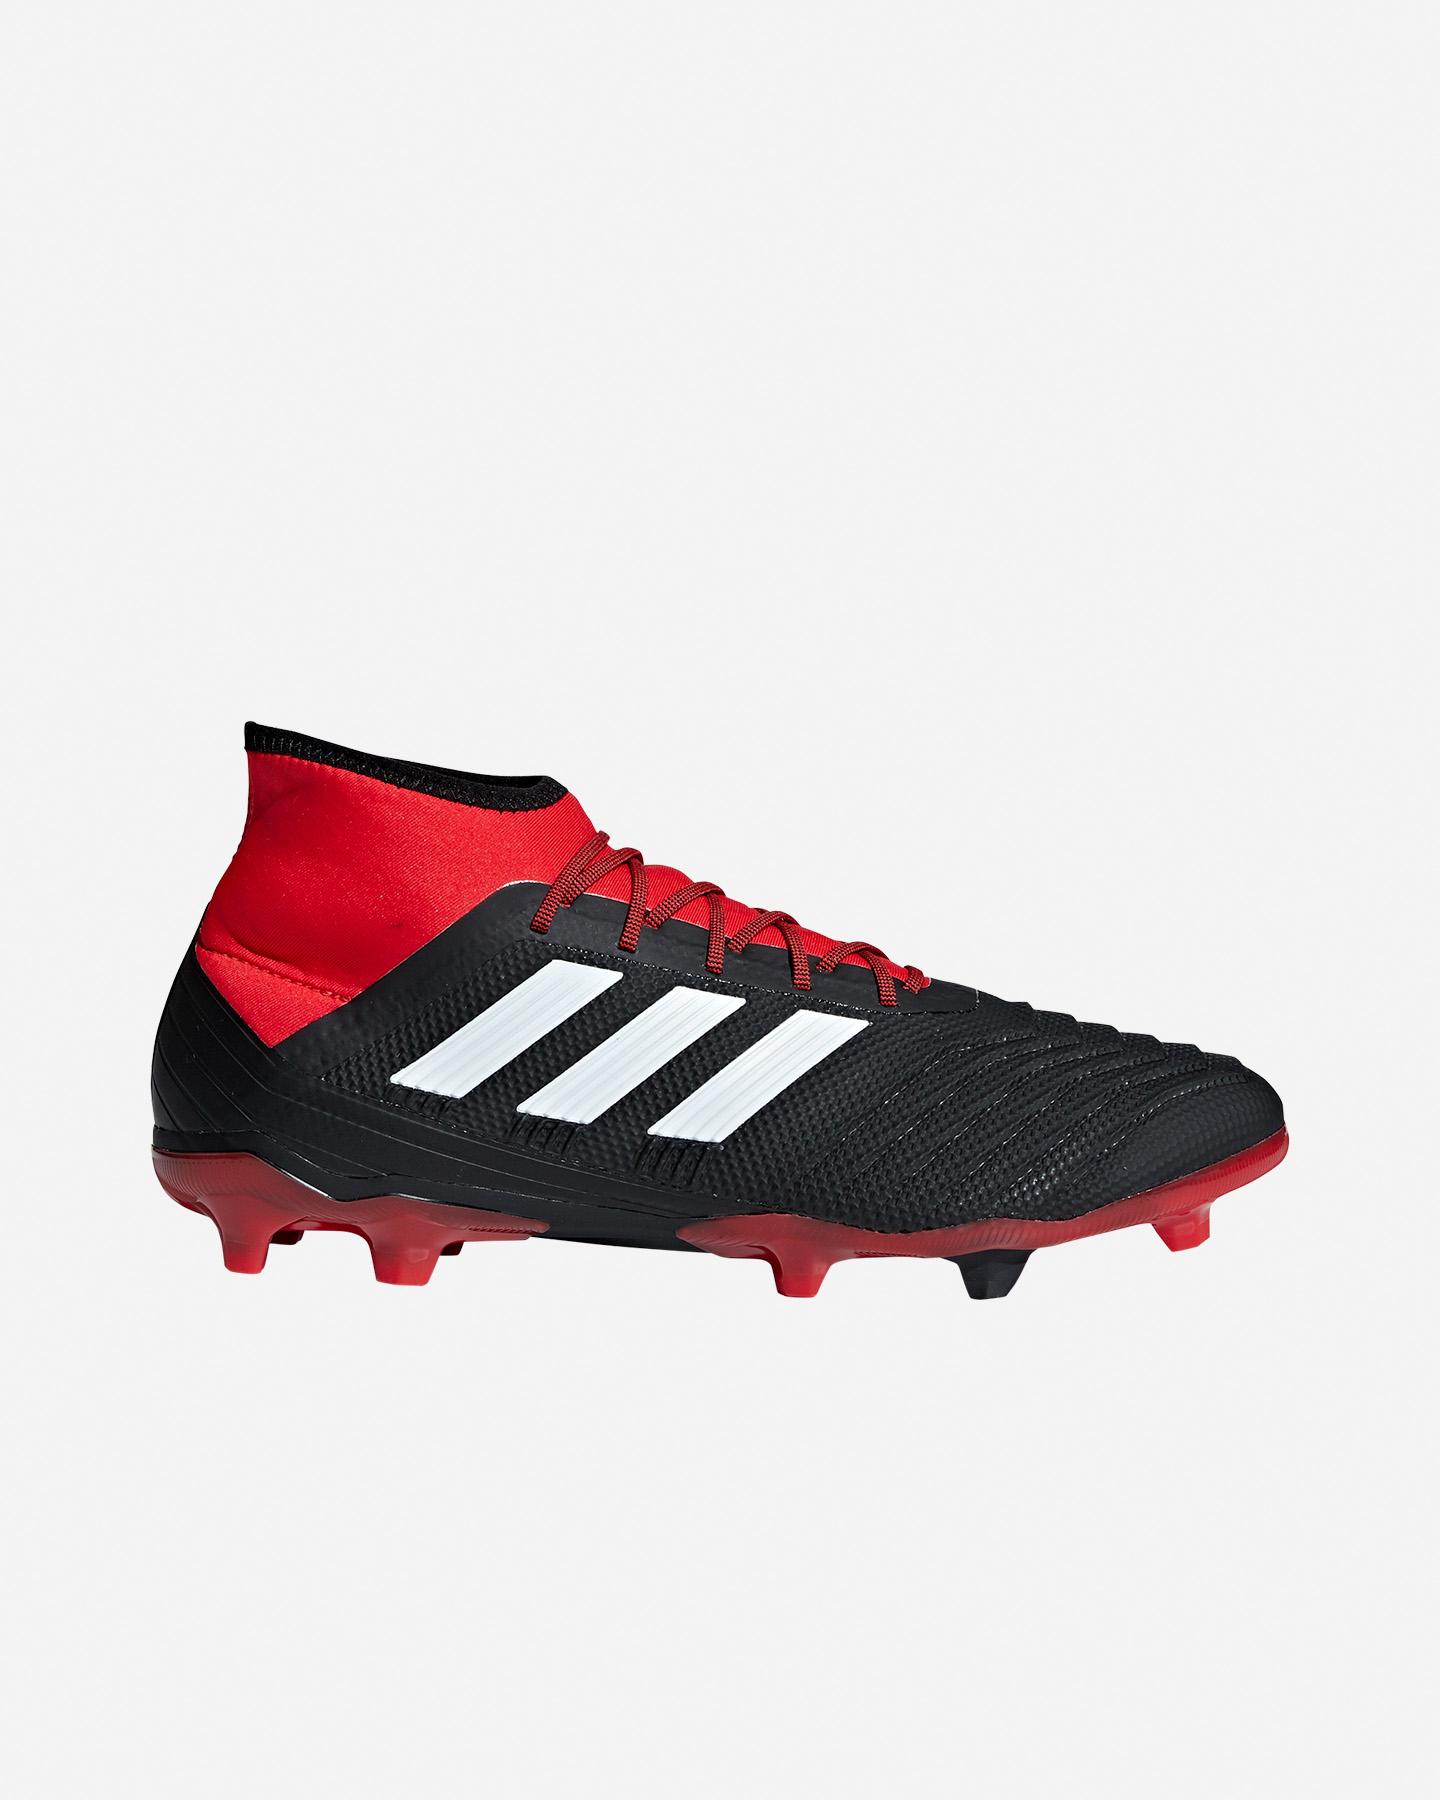 scarpe calcio uomo adidas alte